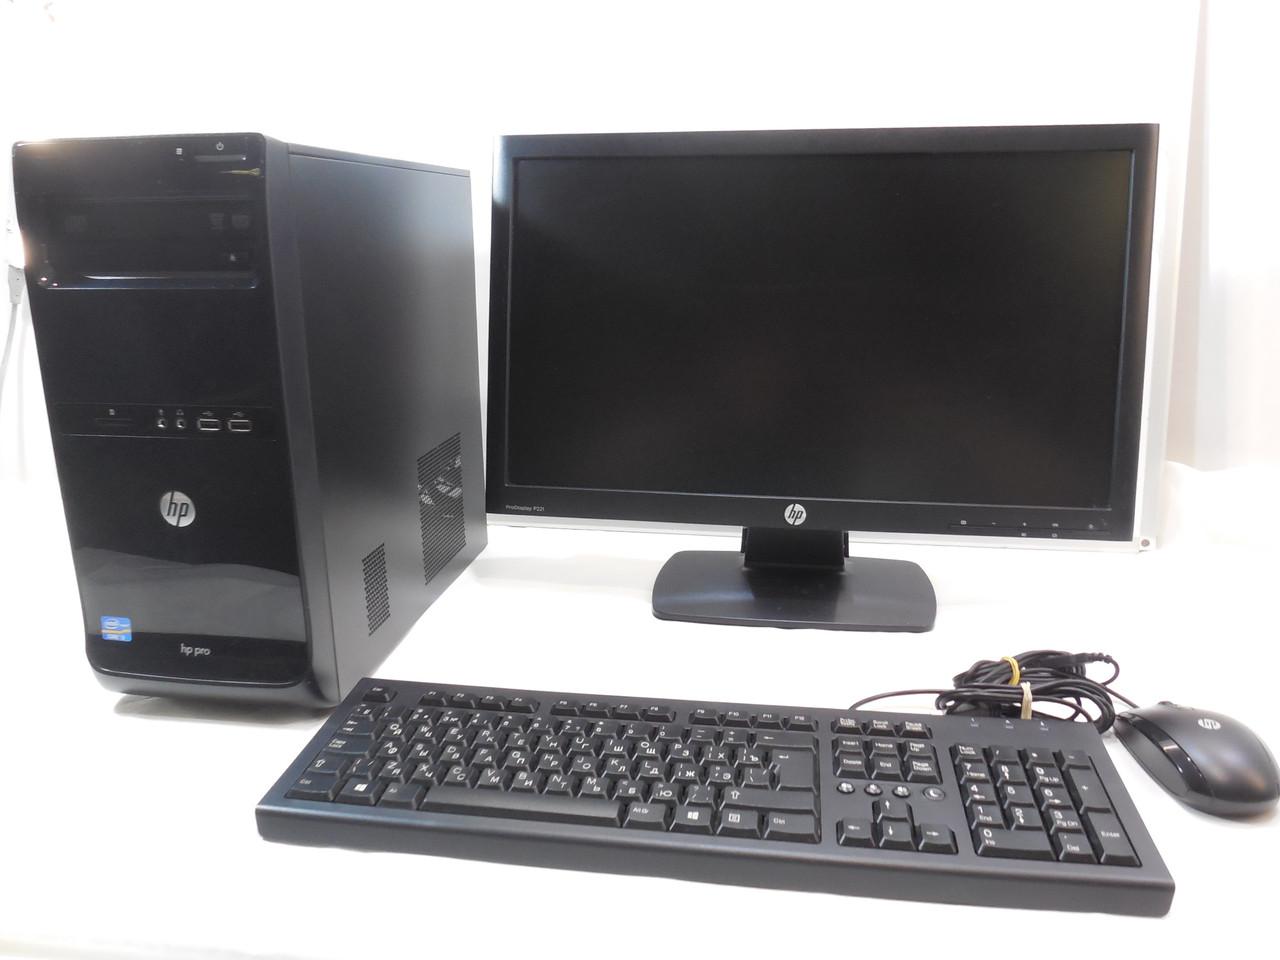 Компьютер в сборе, Intel Core 2 Quad 4x2.4 Ггц, 6 Гб ОЗУ DDR3, 320 Гб HDD, монитор 22 дюйма